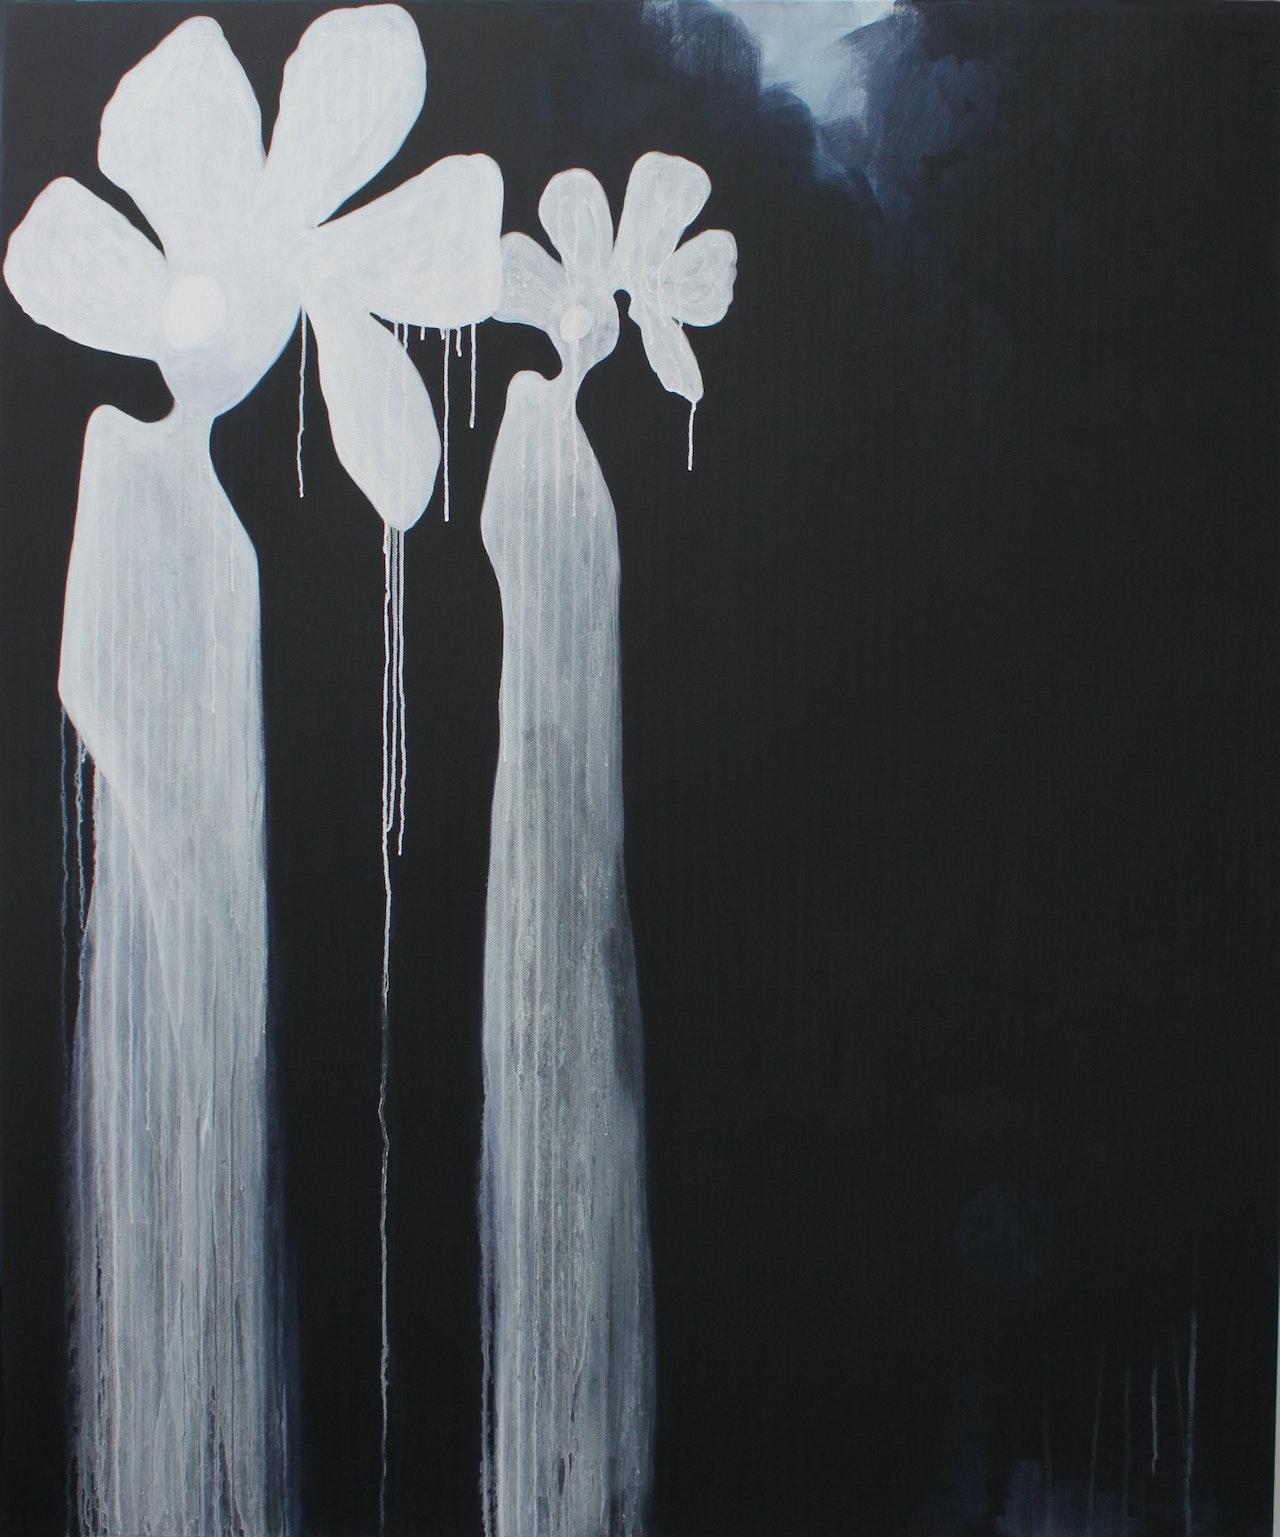 Hoodoos-2016-150x180cm-Acrylic-on-Kerringbone-Linen-Kelly-Sweeney